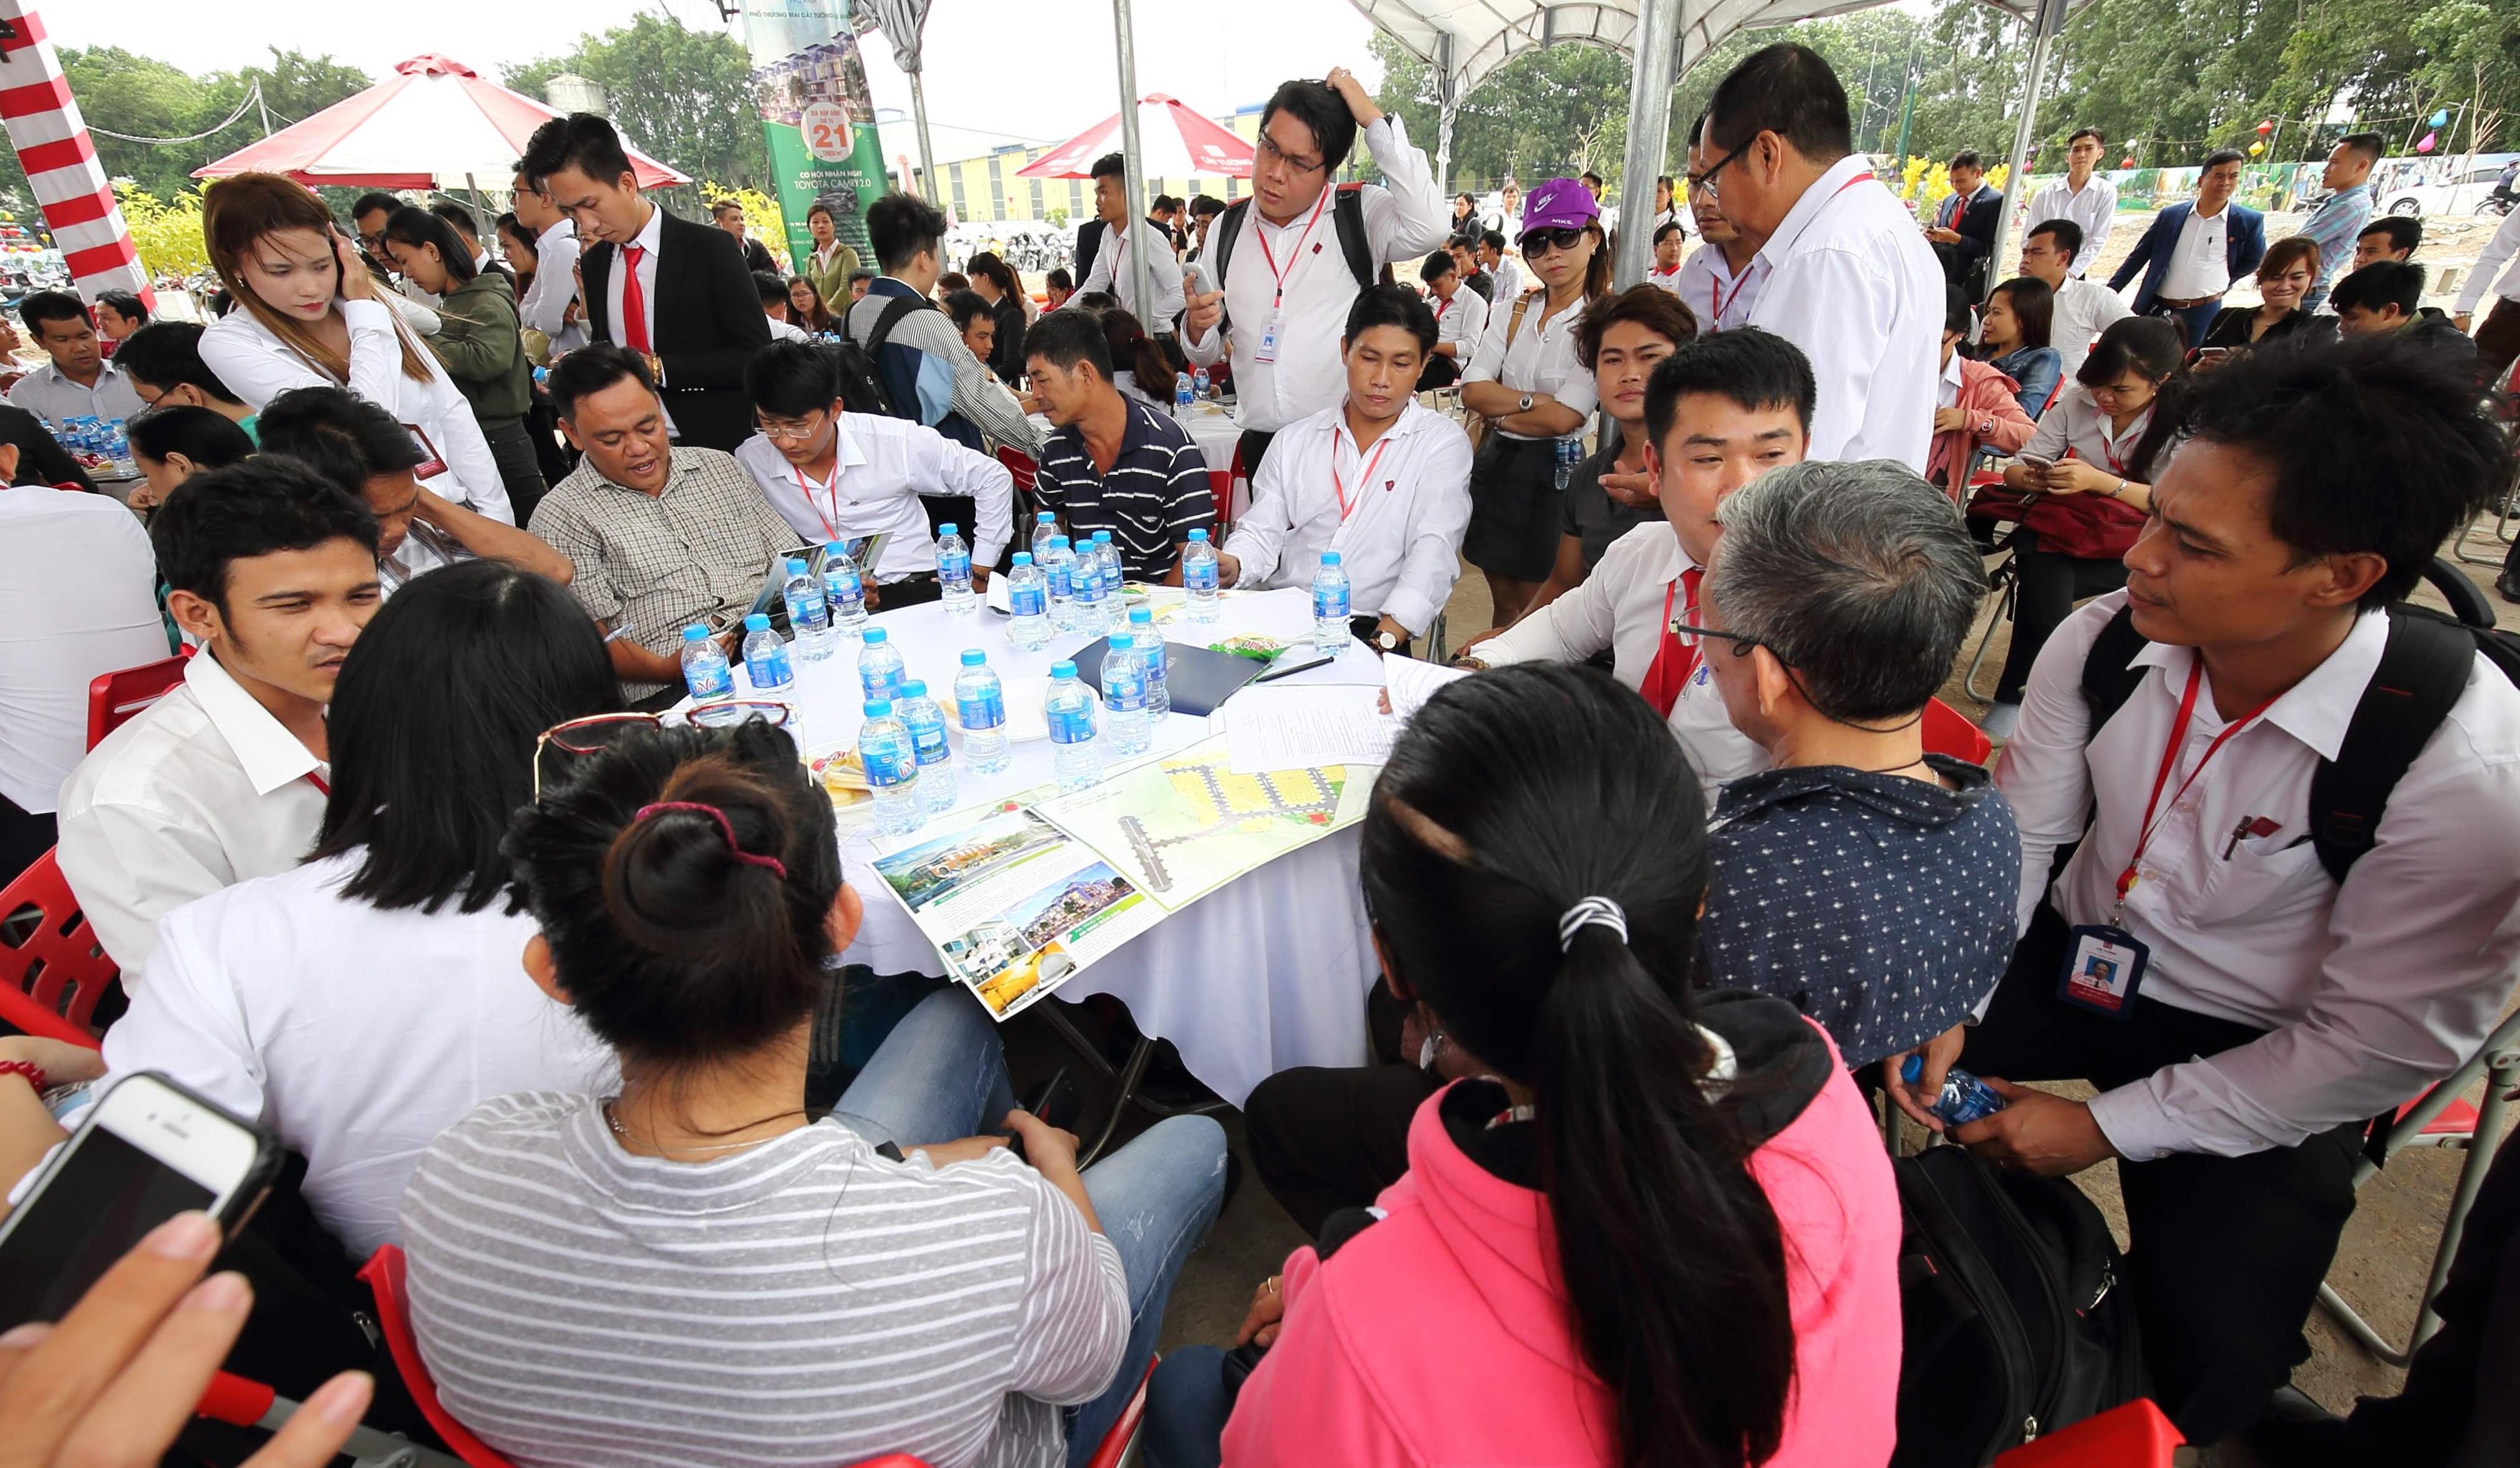 """Bất động sản Thị xã Thuận An, Bình Dương: """"Cơn khát"""" nguồn cung đất nền ngày càng tăng"""